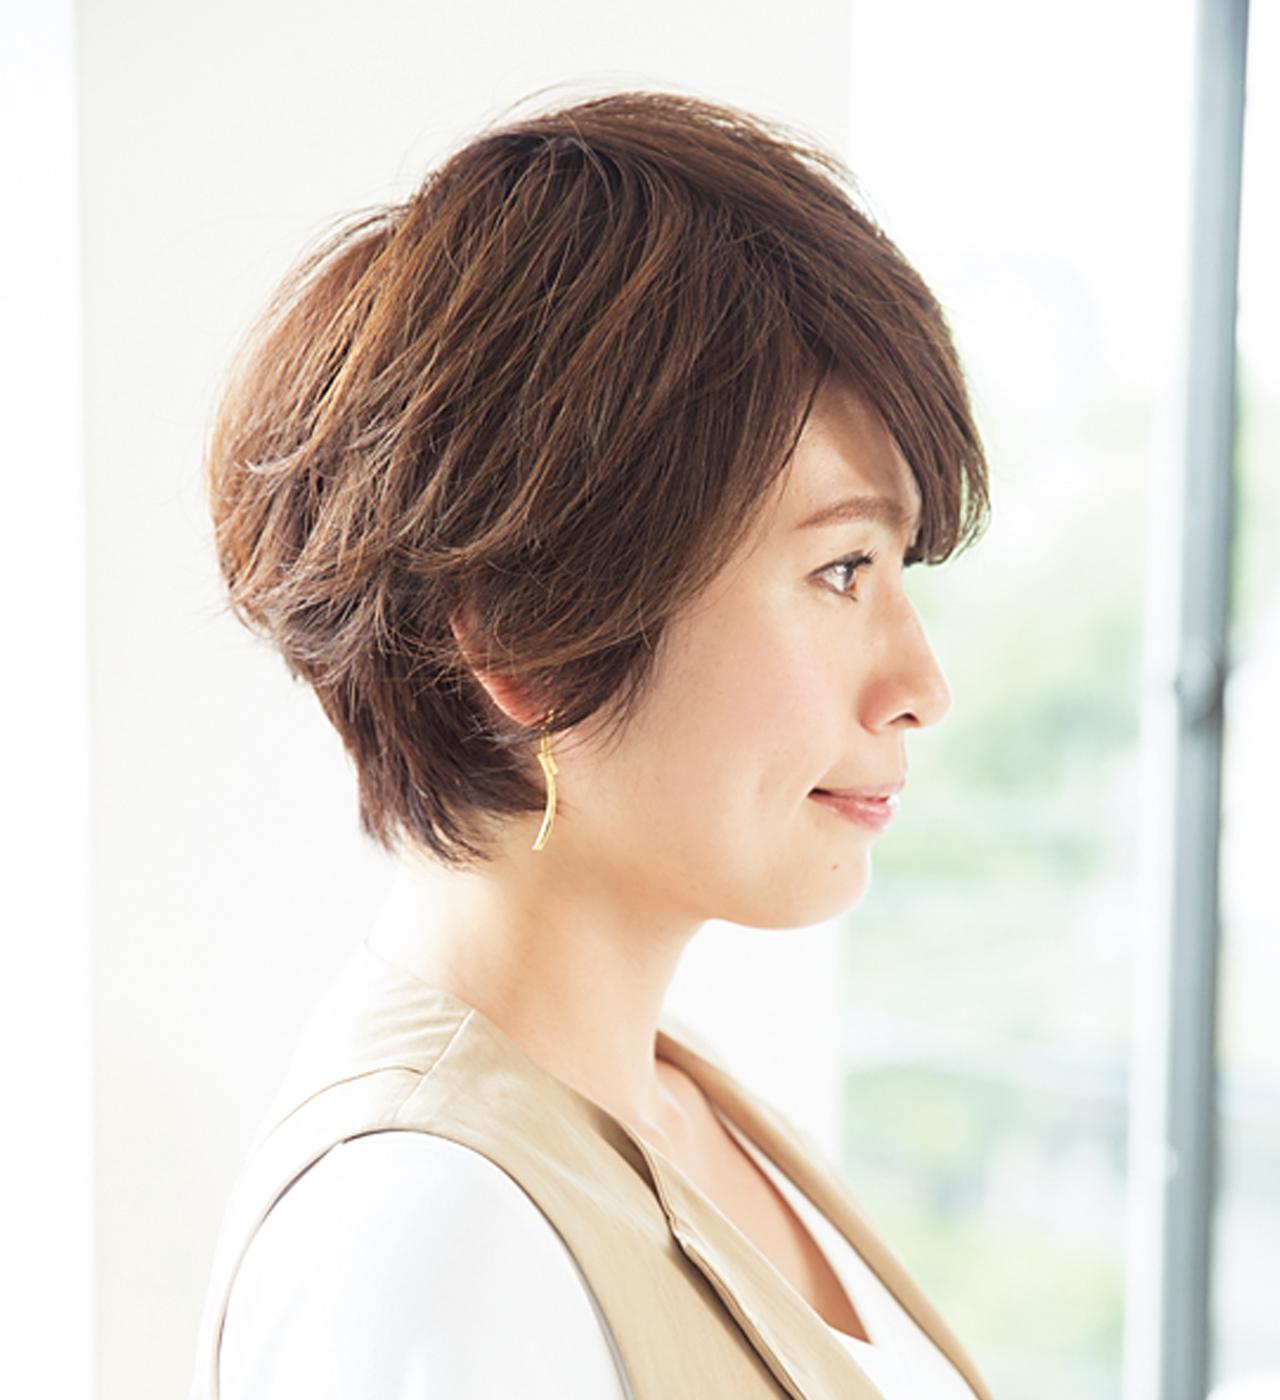 硬く・太く・多い髪でも柔らかな印象のショートに【40代のショートヘア】_1_2